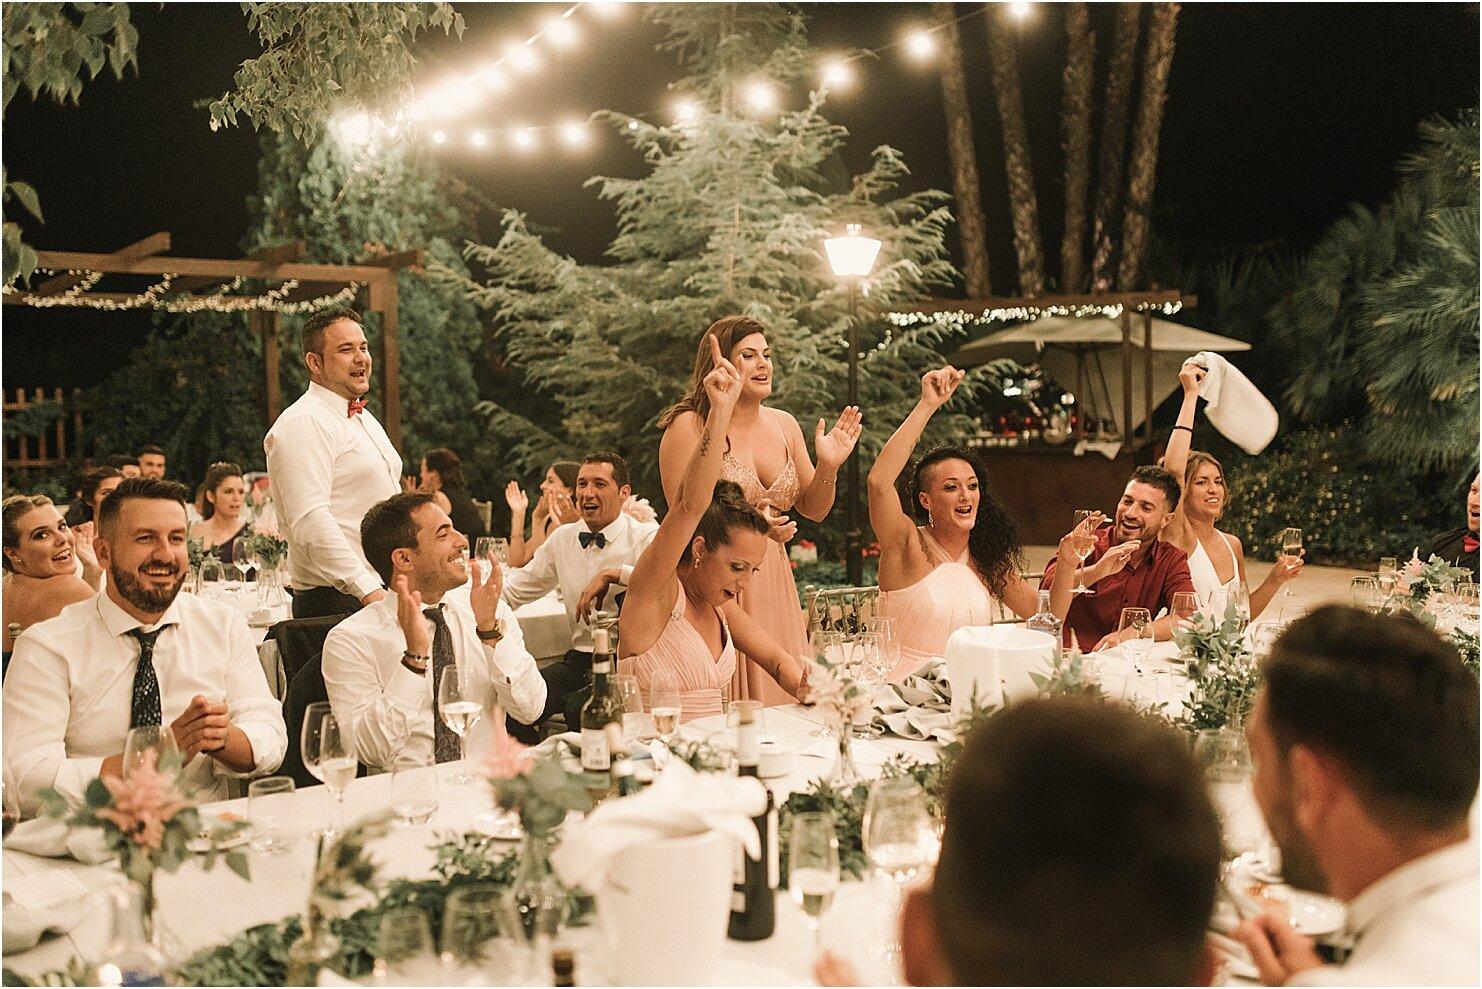 boda-romantica-boda-boho-vestido-de-novia-laura-lomas90.jpg